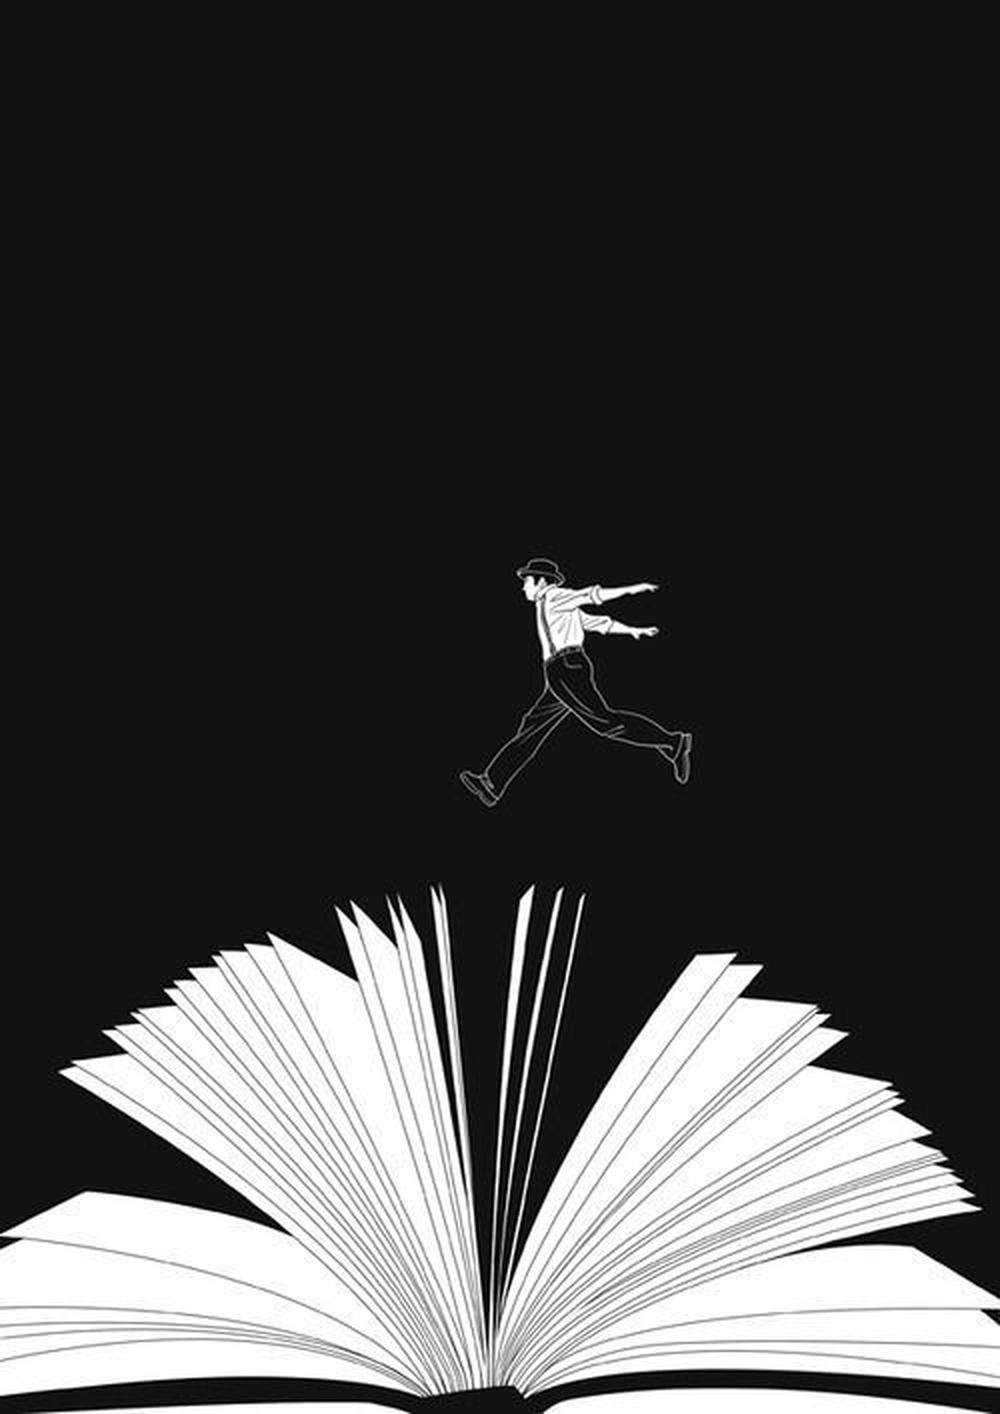 [mot fantôme] un mot publié dans un dictionnaire ou dans un ouvrage de référence similaire faisant autorité, qui est rarement utilisé ou qui était auparavant dénué de sens